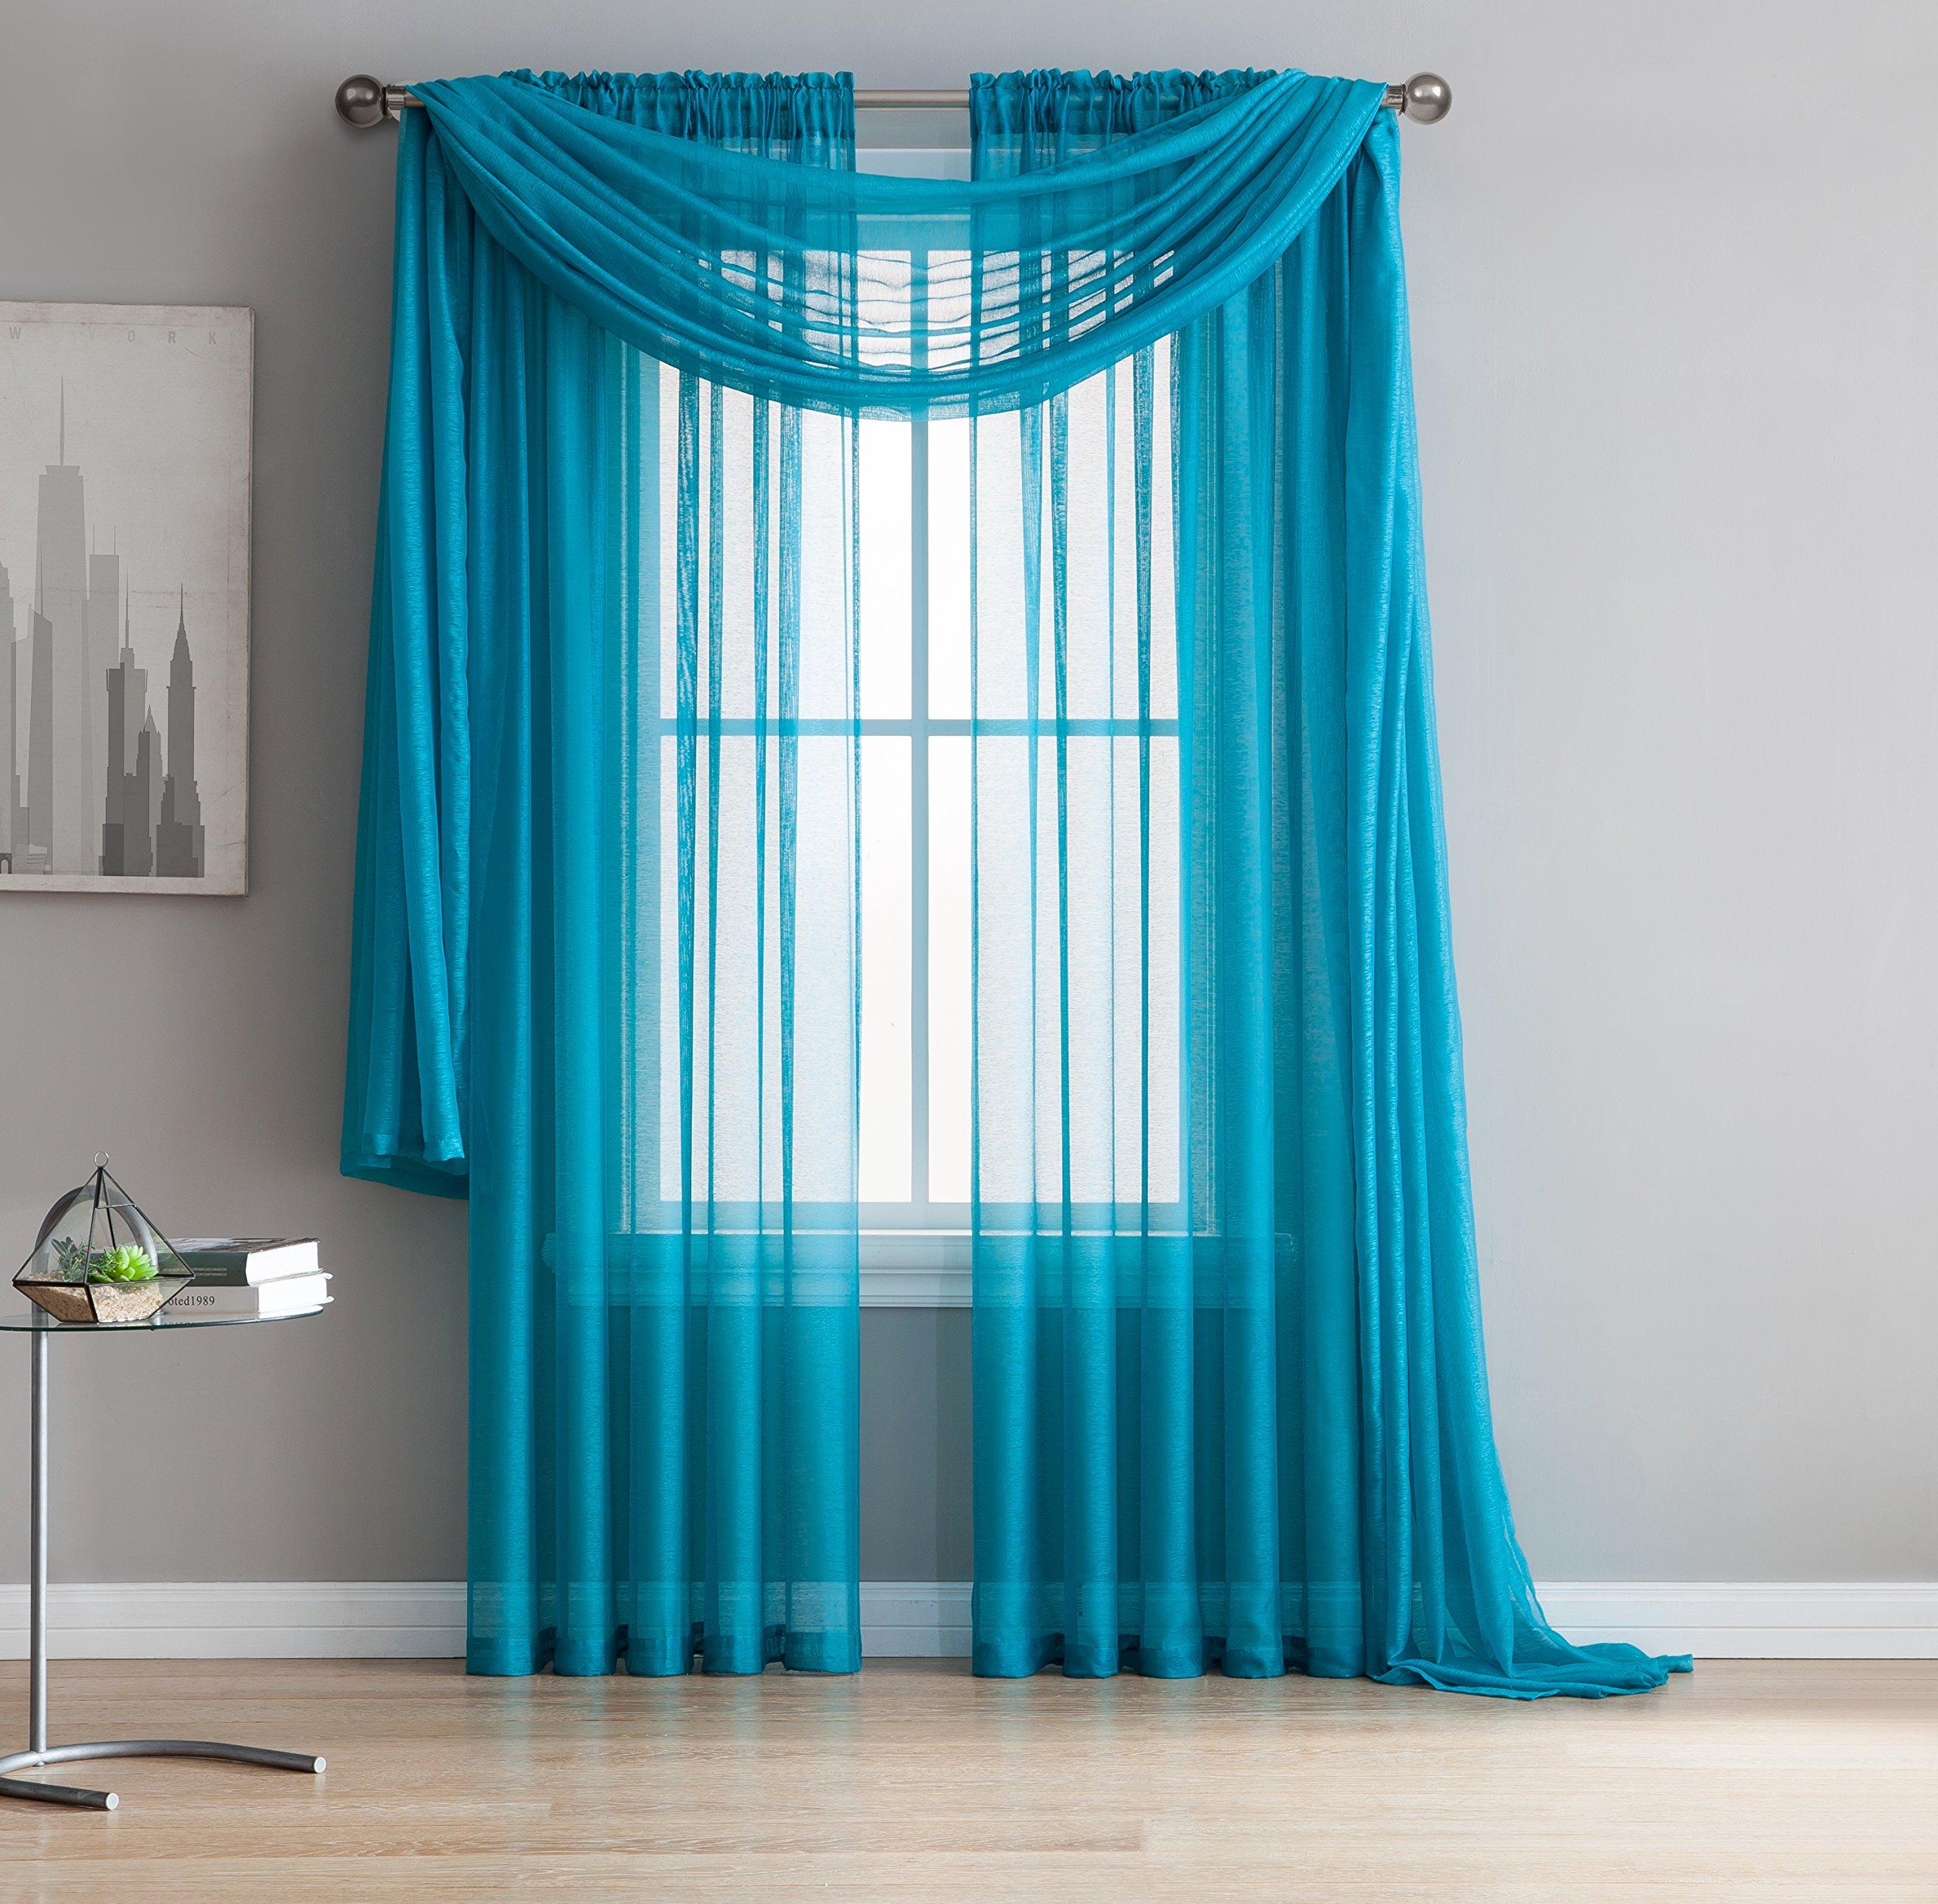 Modern Teal Curtain: Amazon.com